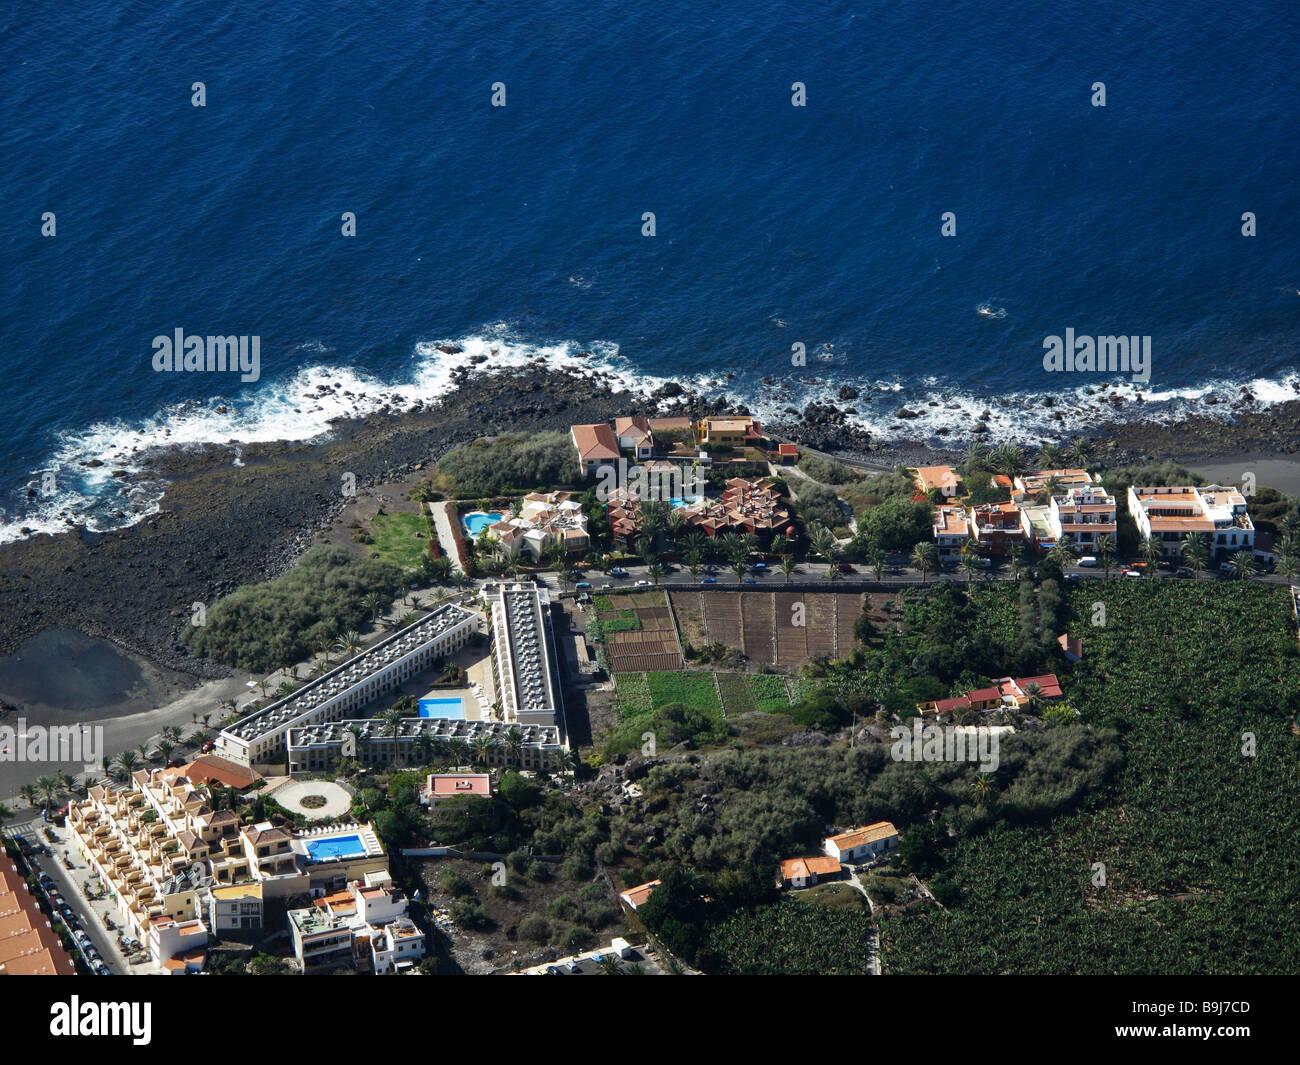 La Puntilla in Valle Gran Rey, La Gomera, Canaries, Canary Islands, Spain, Europe - Stock Image